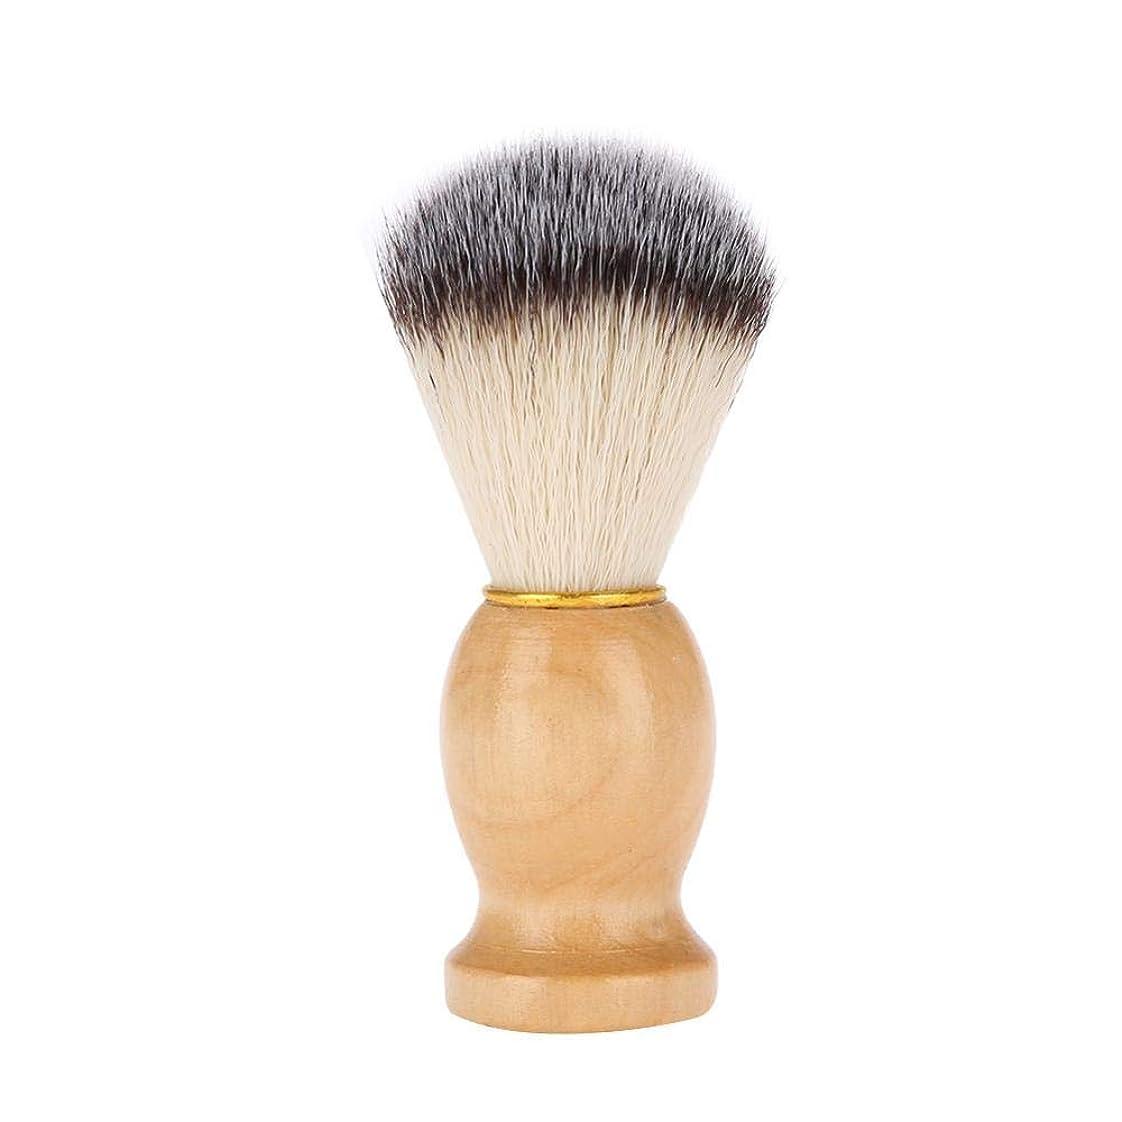 シェービングブラシ、髭清掃美容カバー  理髪ブラシ メンズグルーミングツー ル ひげ剃りブラシ メイクアップバーバーサロン 家庭用 旅行用 男性 贈り物